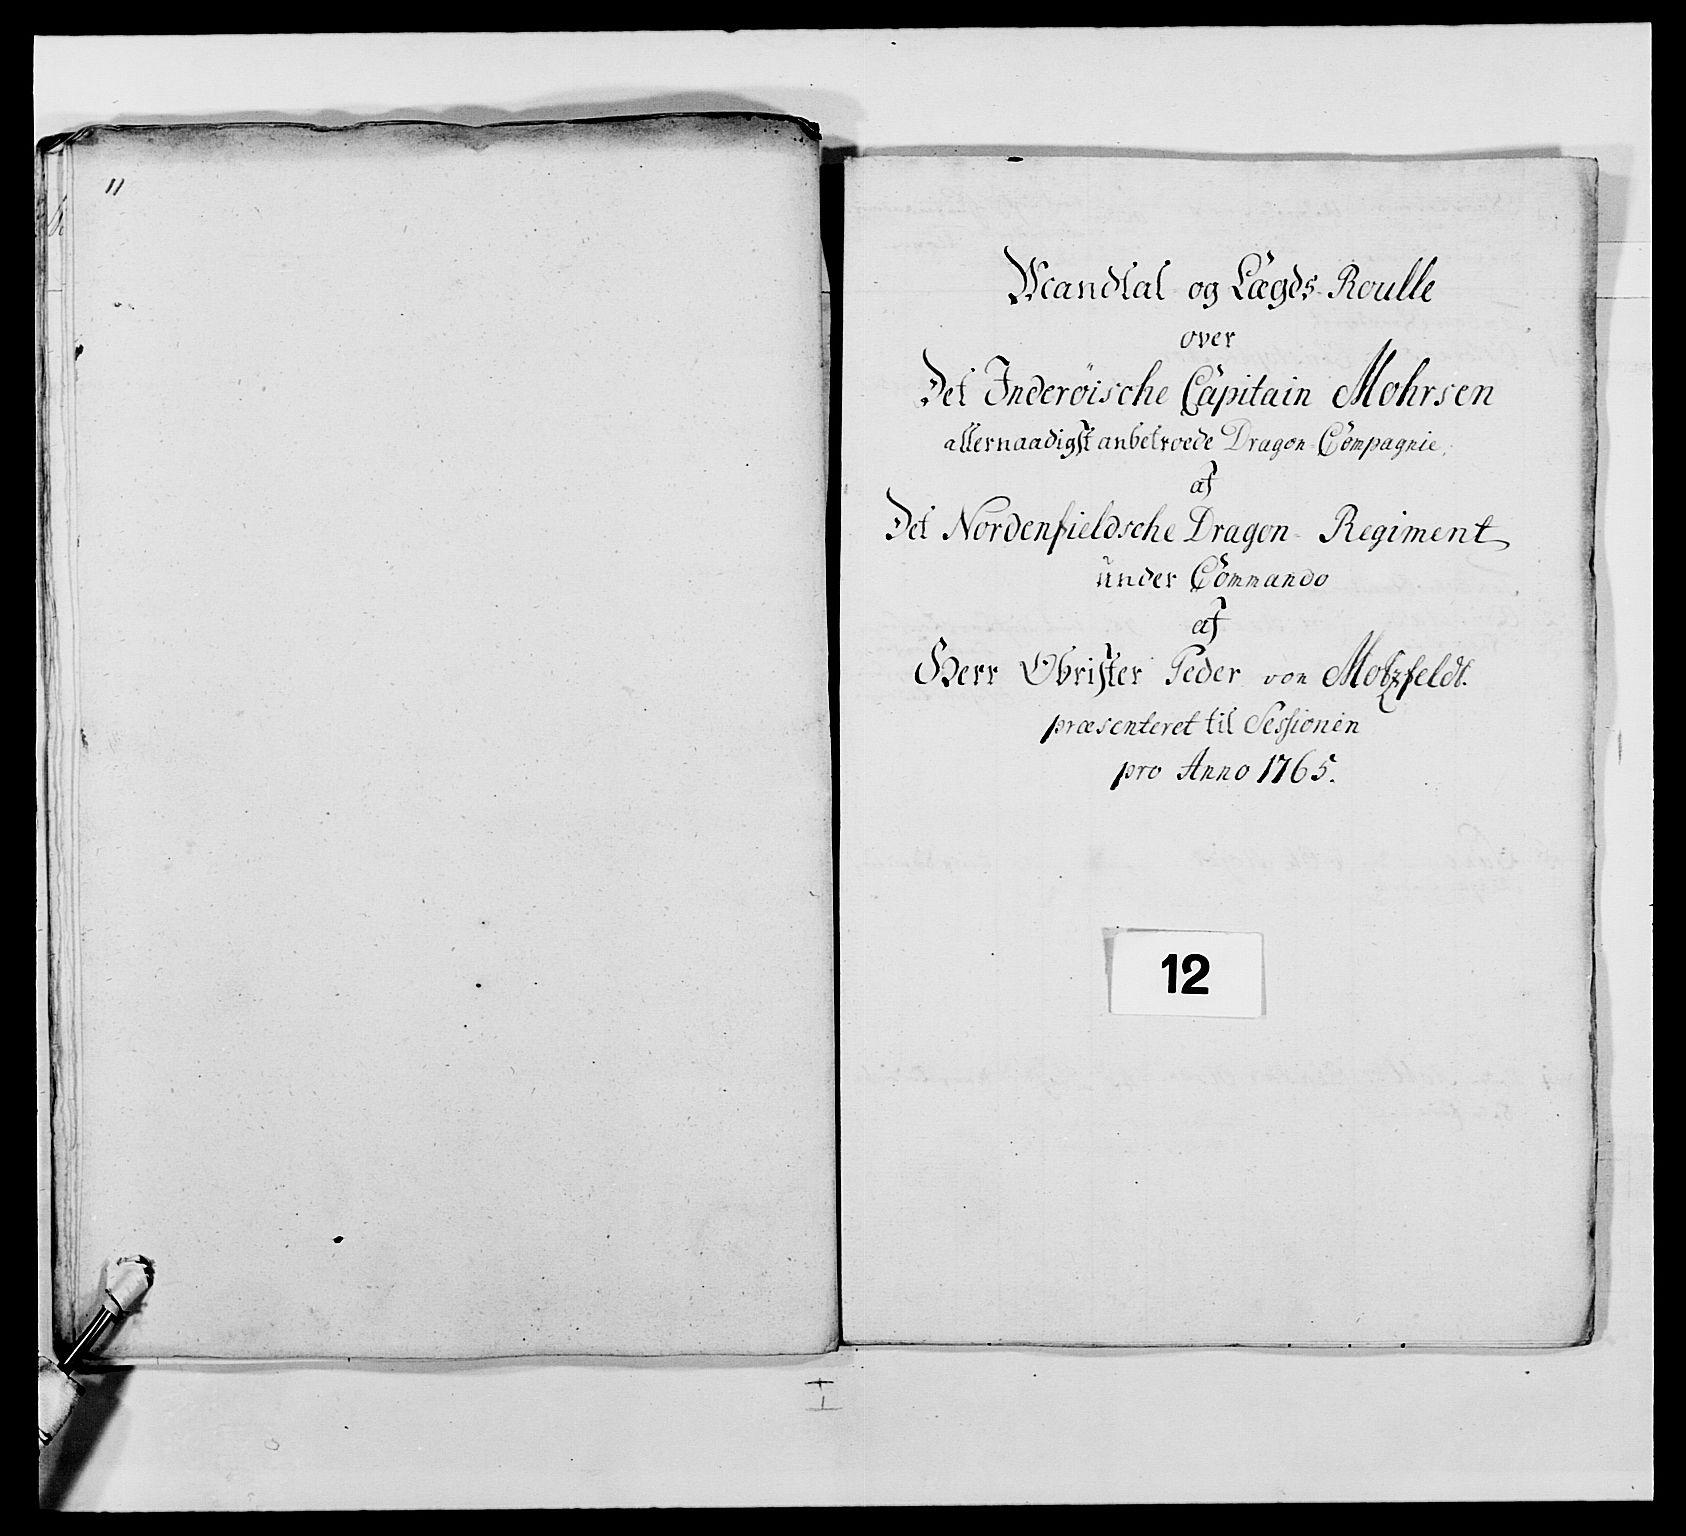 RA, Kommanderende general (KG I) med Det norske krigsdirektorium, E/Ea/L0483: Nordafjelske dragonregiment, 1765-1767, s. 268